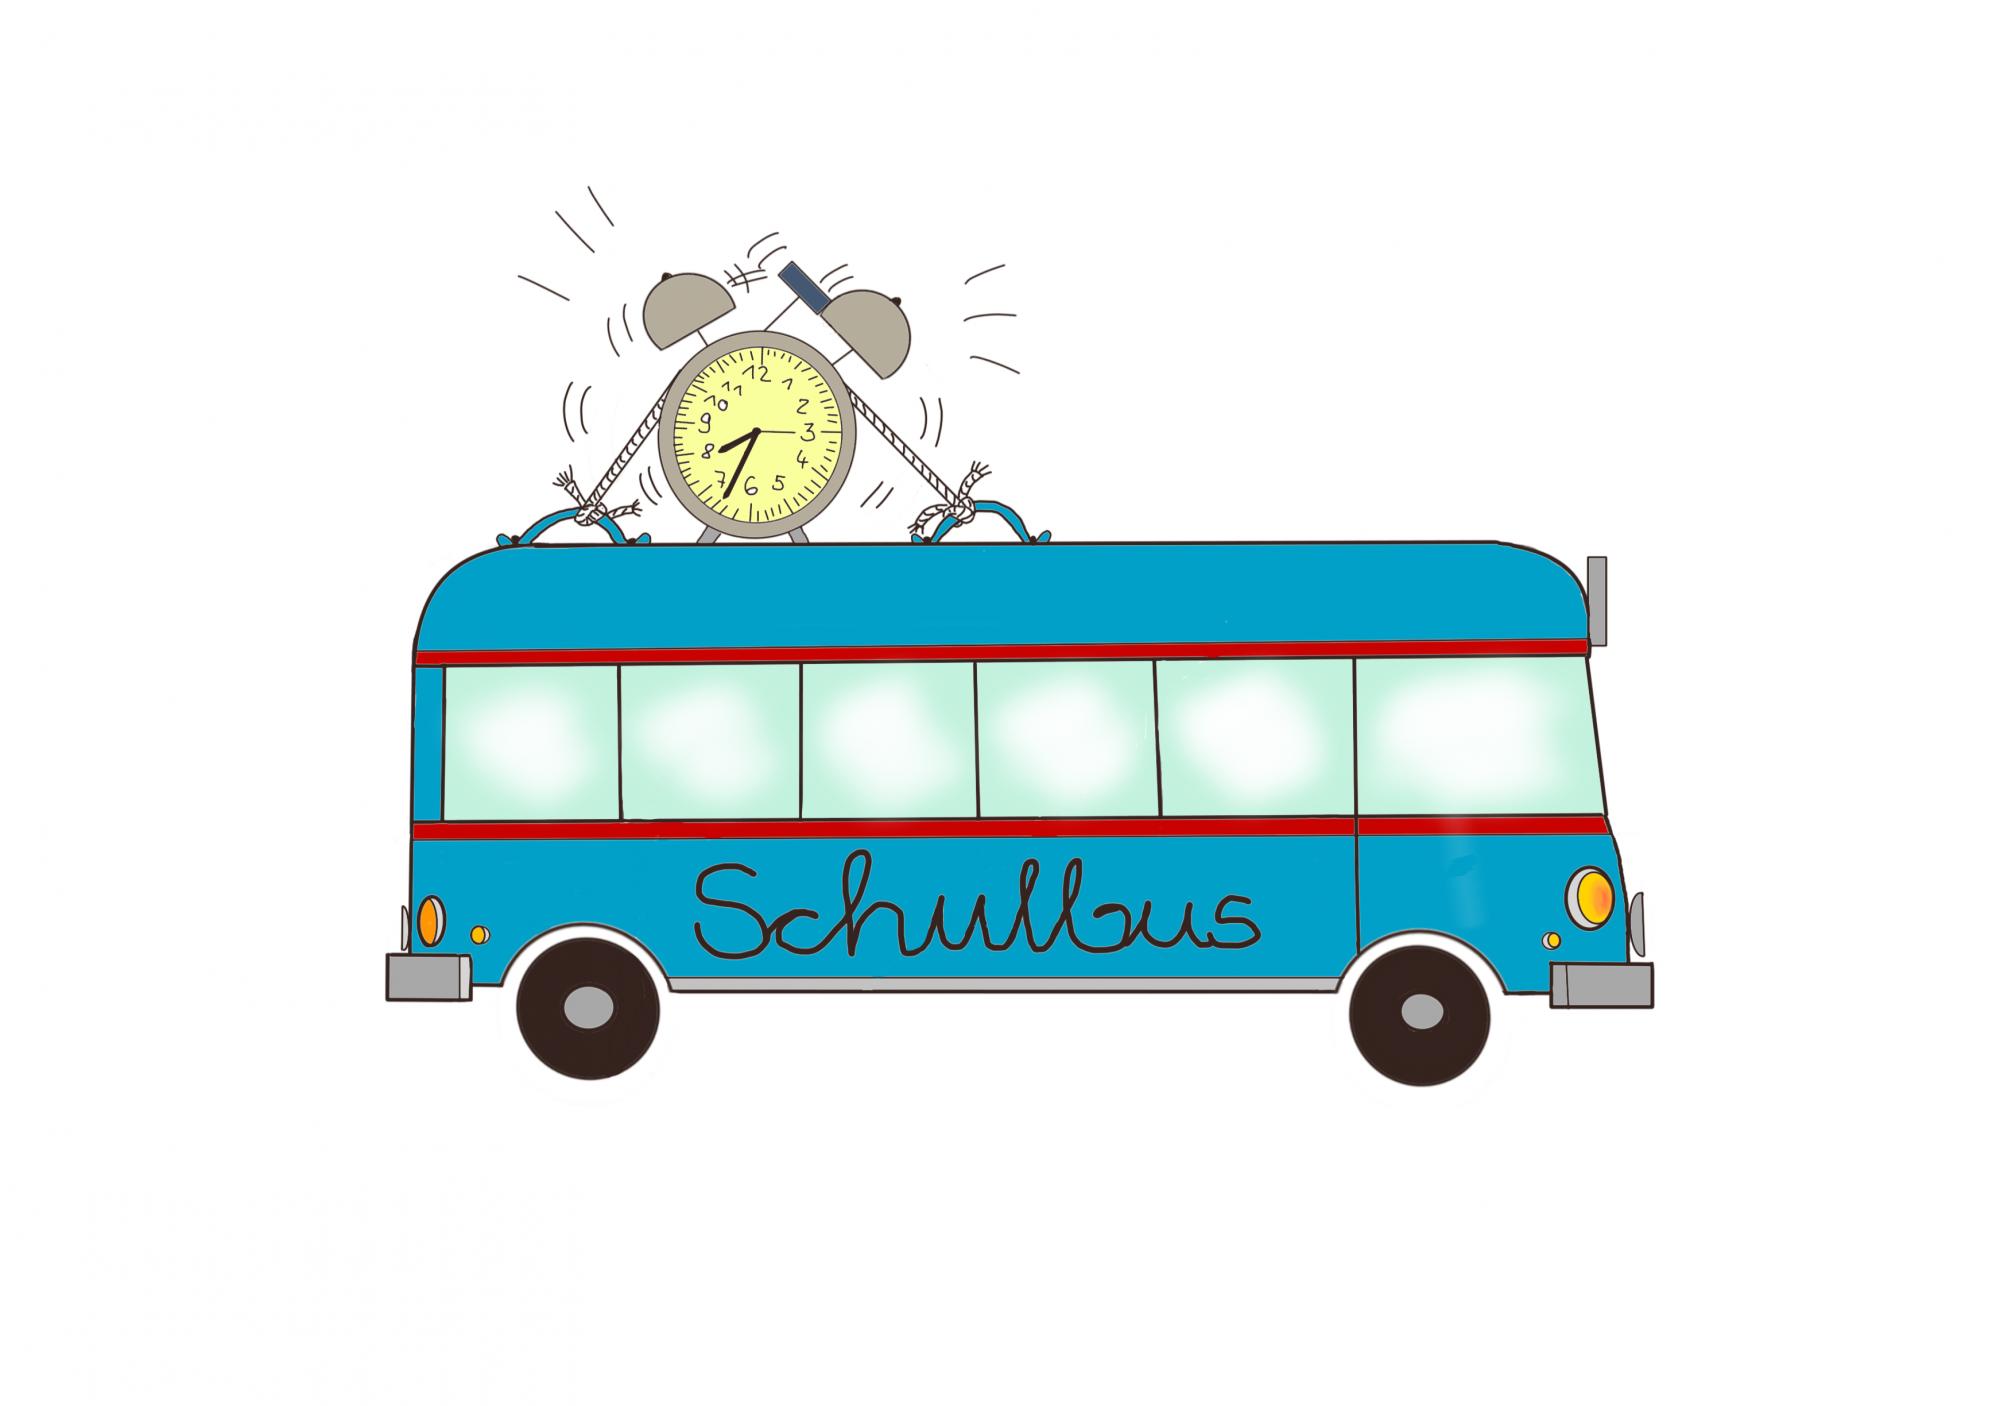 Schulbus Ausmalbild farbig